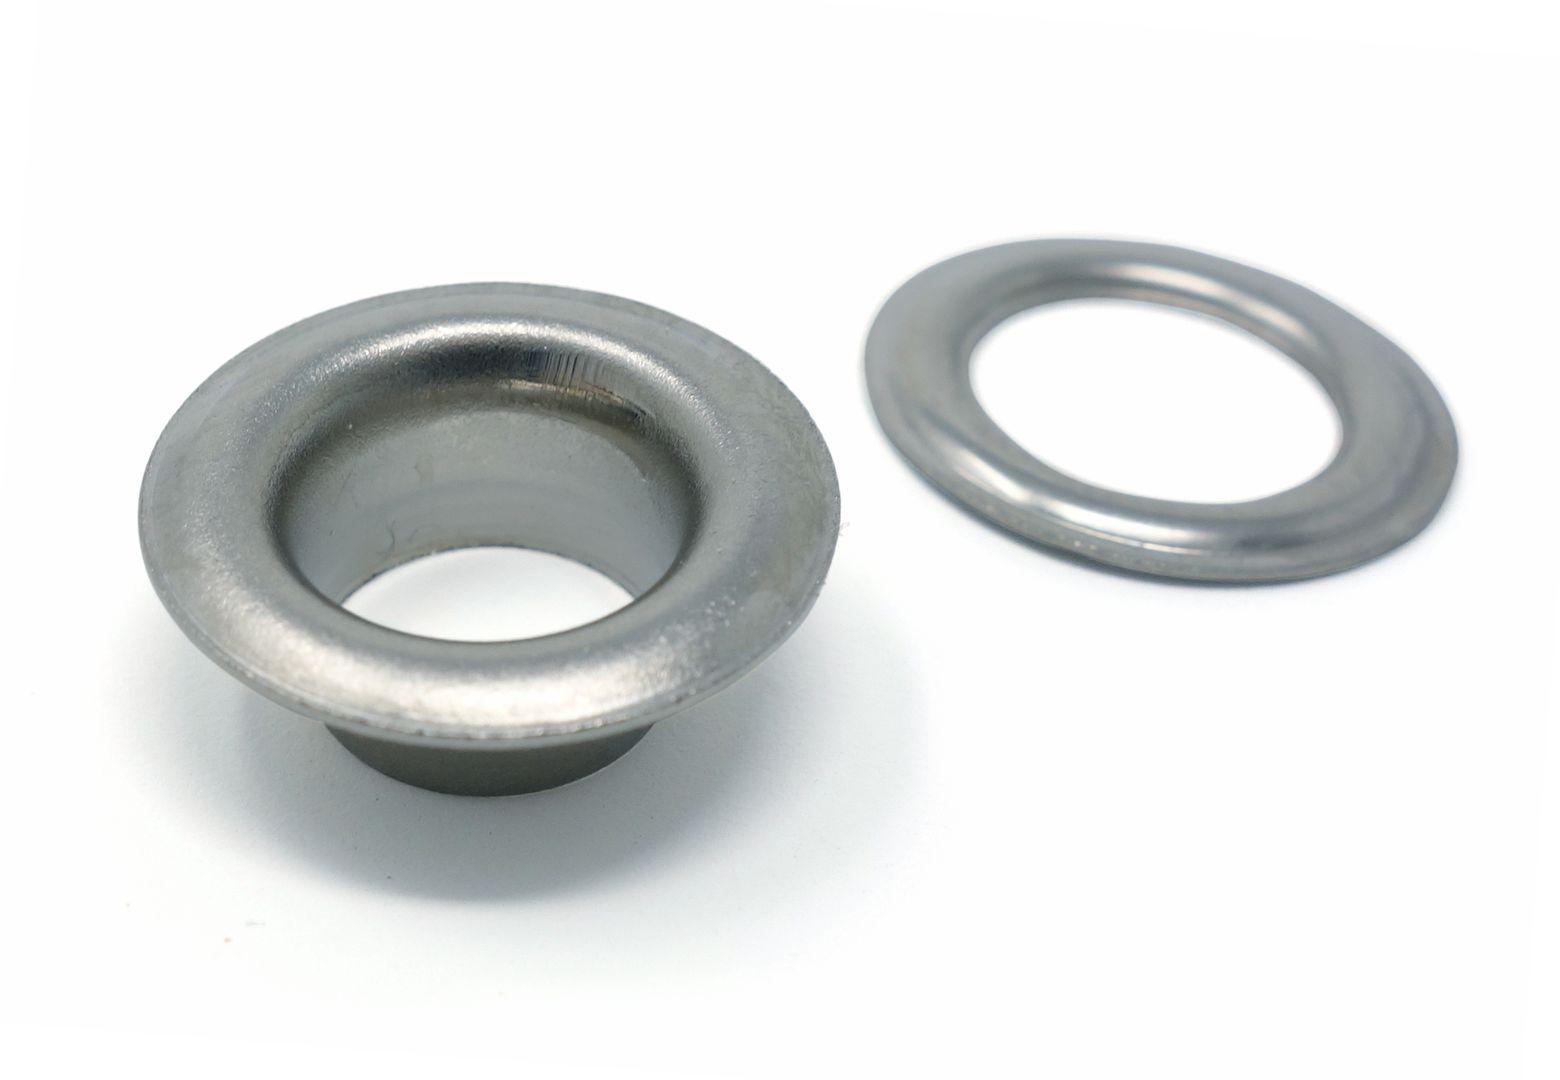 100 x 5,0 mm selbstlochende Ösen mit Scheibe (rostfrei) für Ösenpressen und Einschlagwerkzeuge – Bild 4